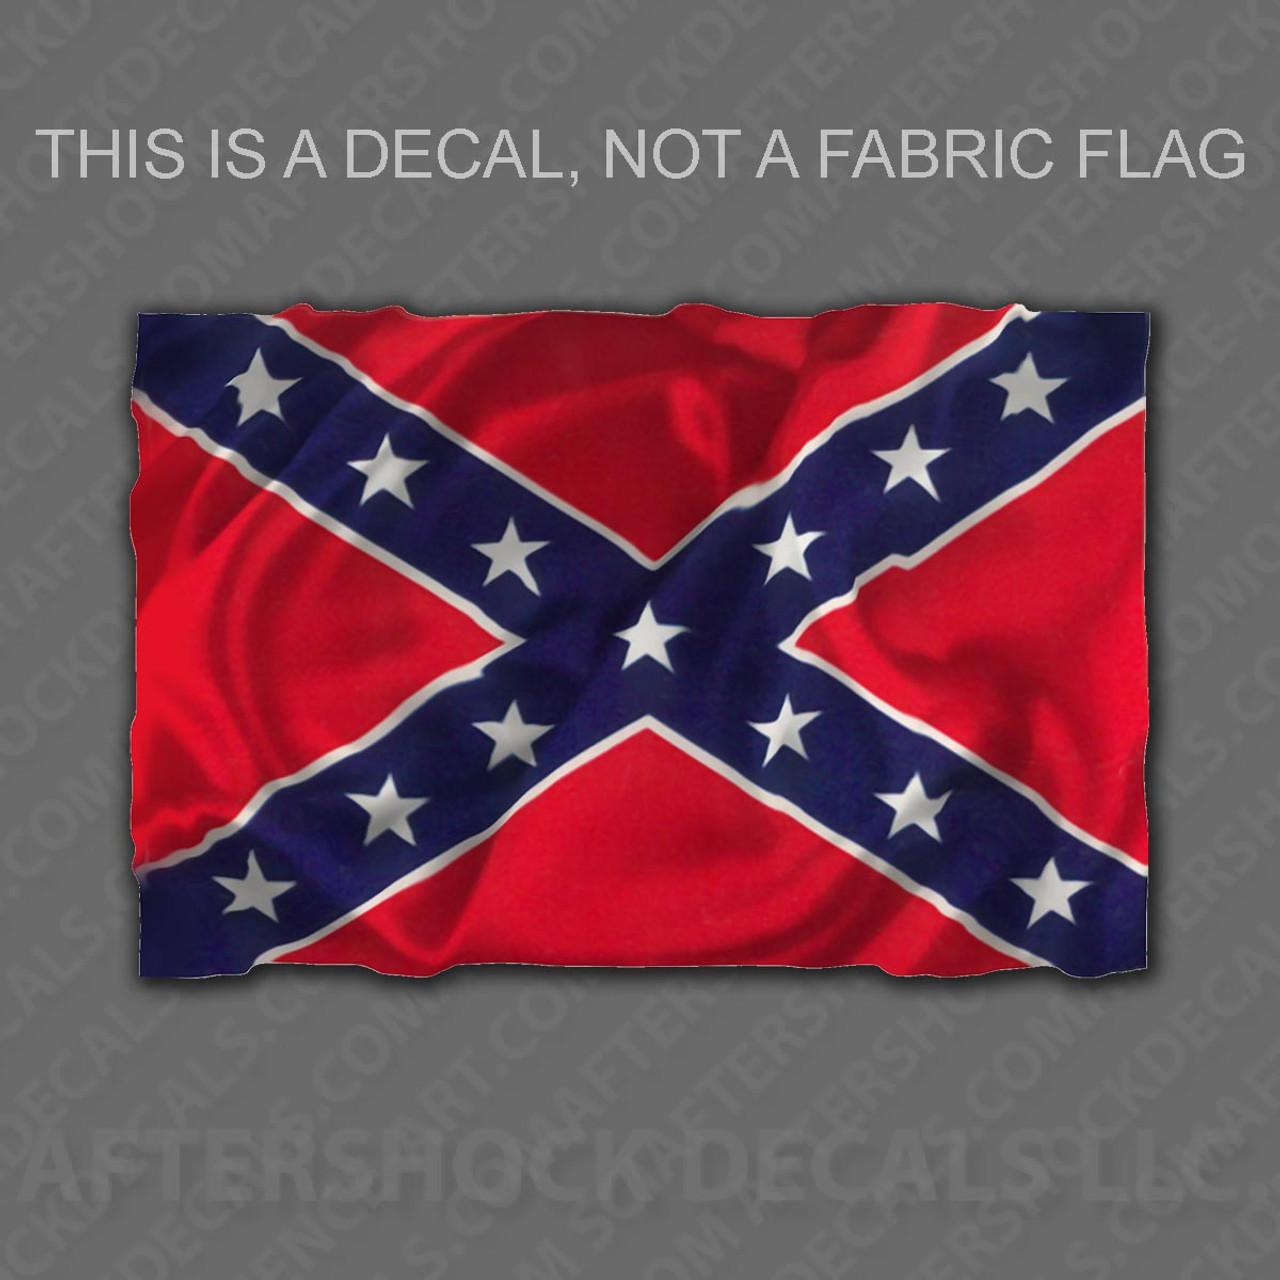 Confederate rebel flag sticker